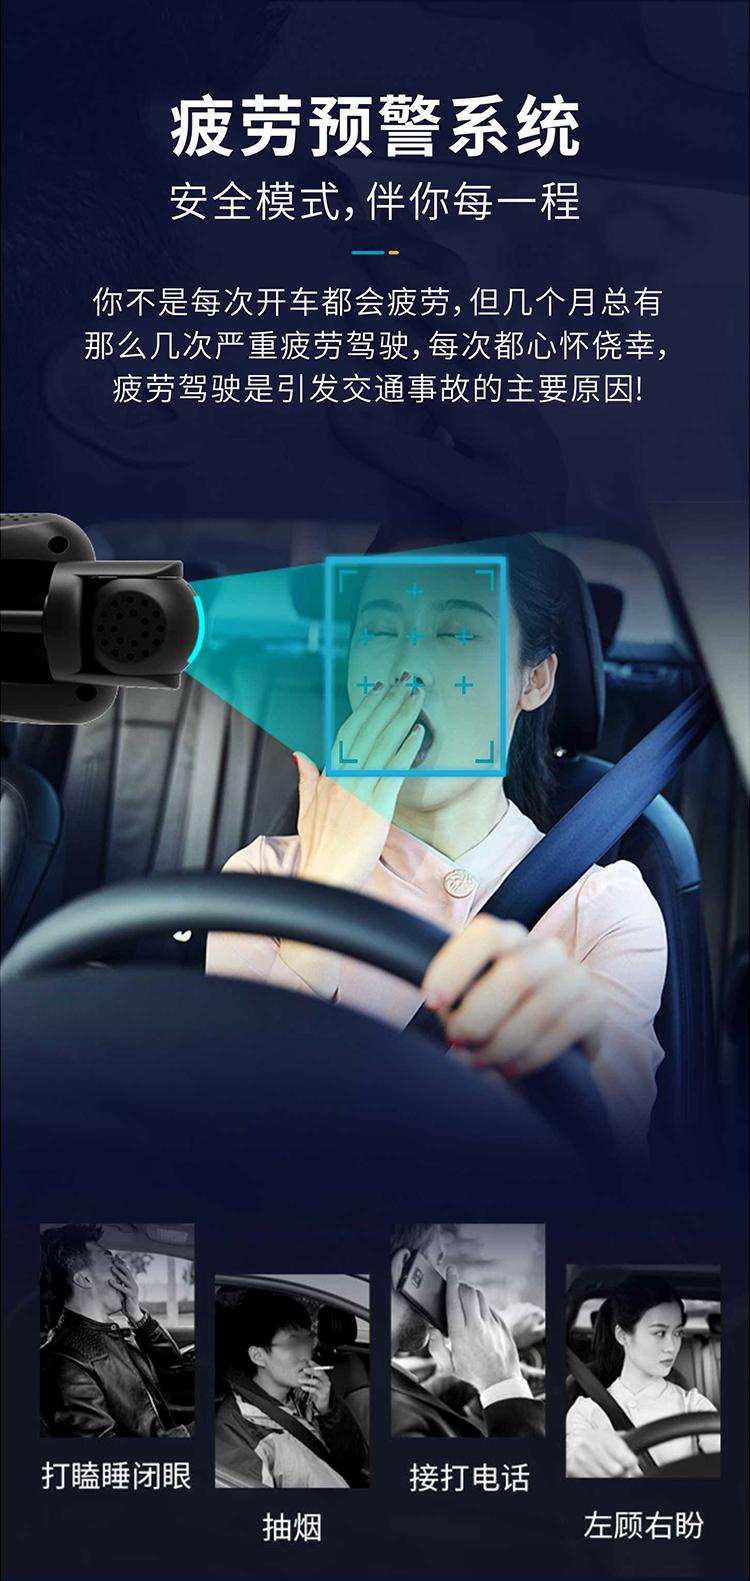 广州尼欧科技车载安全机器人软件 深圳市尼欧科技供应